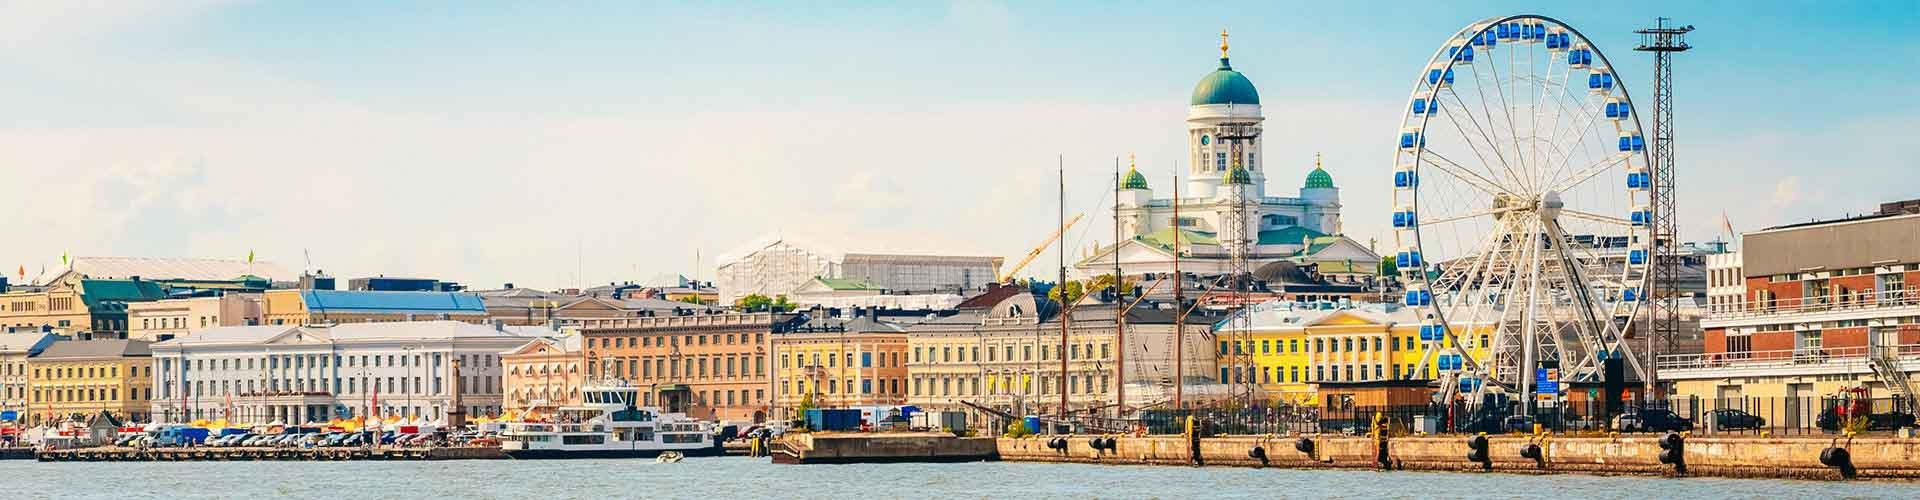 Helsinki - Ifjúsági Szállások Helsinki. Helsinki térképek, fotók és ajánlások minden egyes Ifjúsági Szállások: Helsinki.